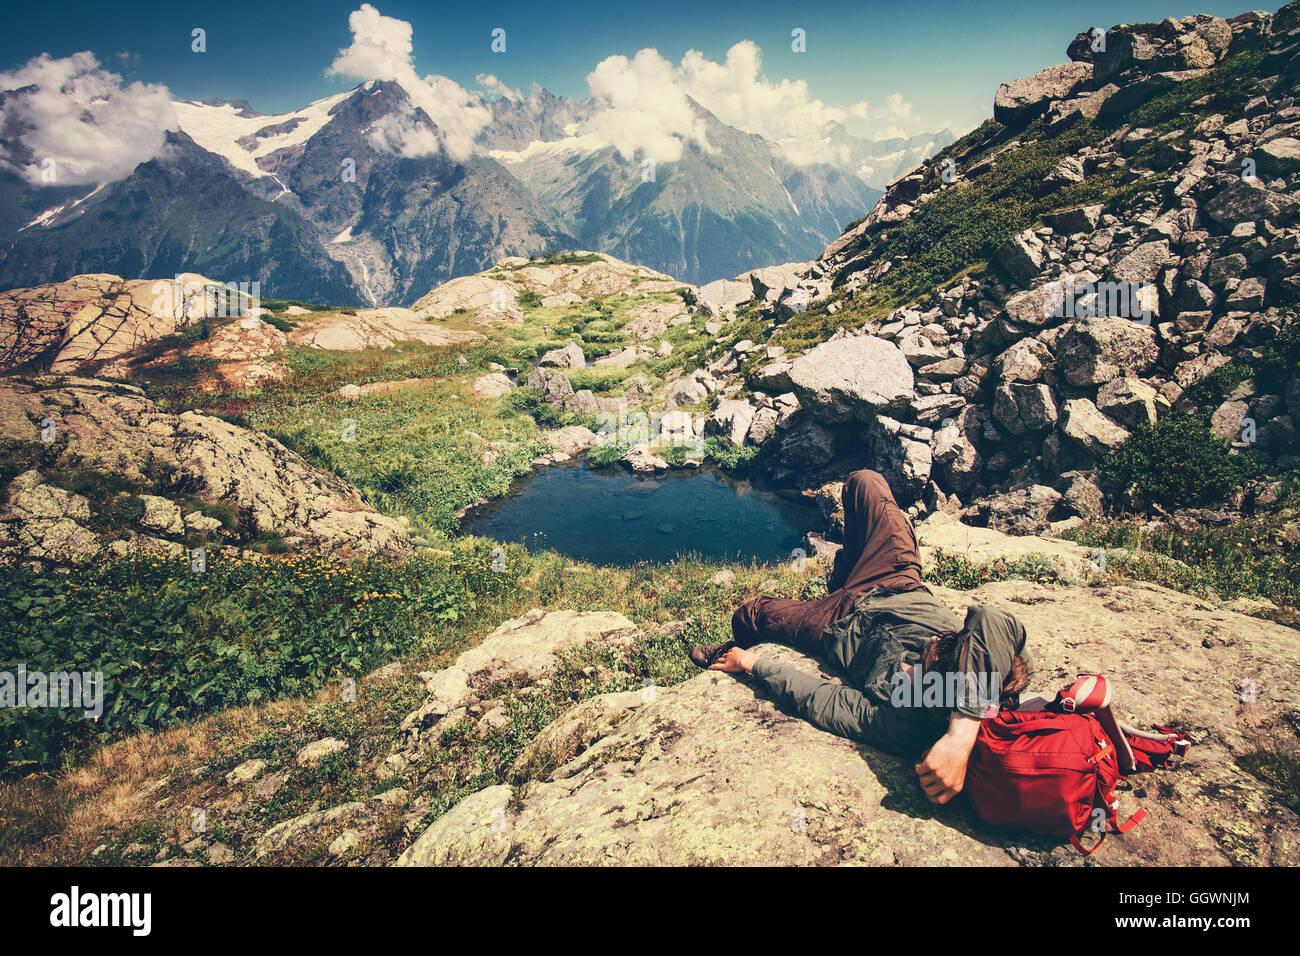 Meilleur homme portant un sac à dos avec détente concept de vie voyage paysage montagnes vue sereine sur Photo Stock